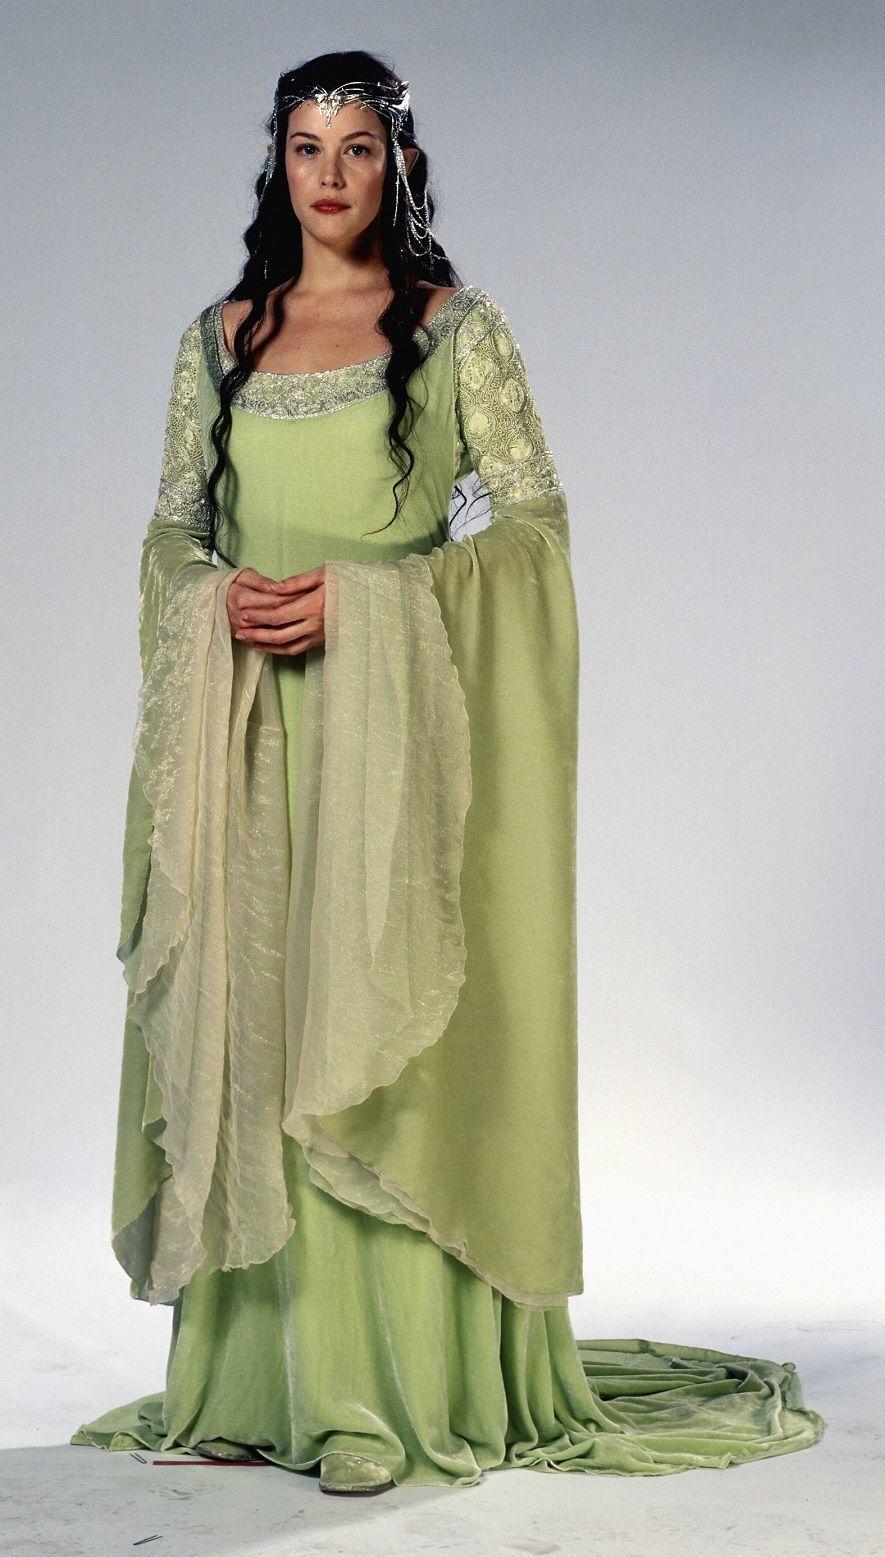 El Señor De Los Anillos El Retorno Del Rey 2003 Arwen Costume Lotr Costume Fantasy Dress